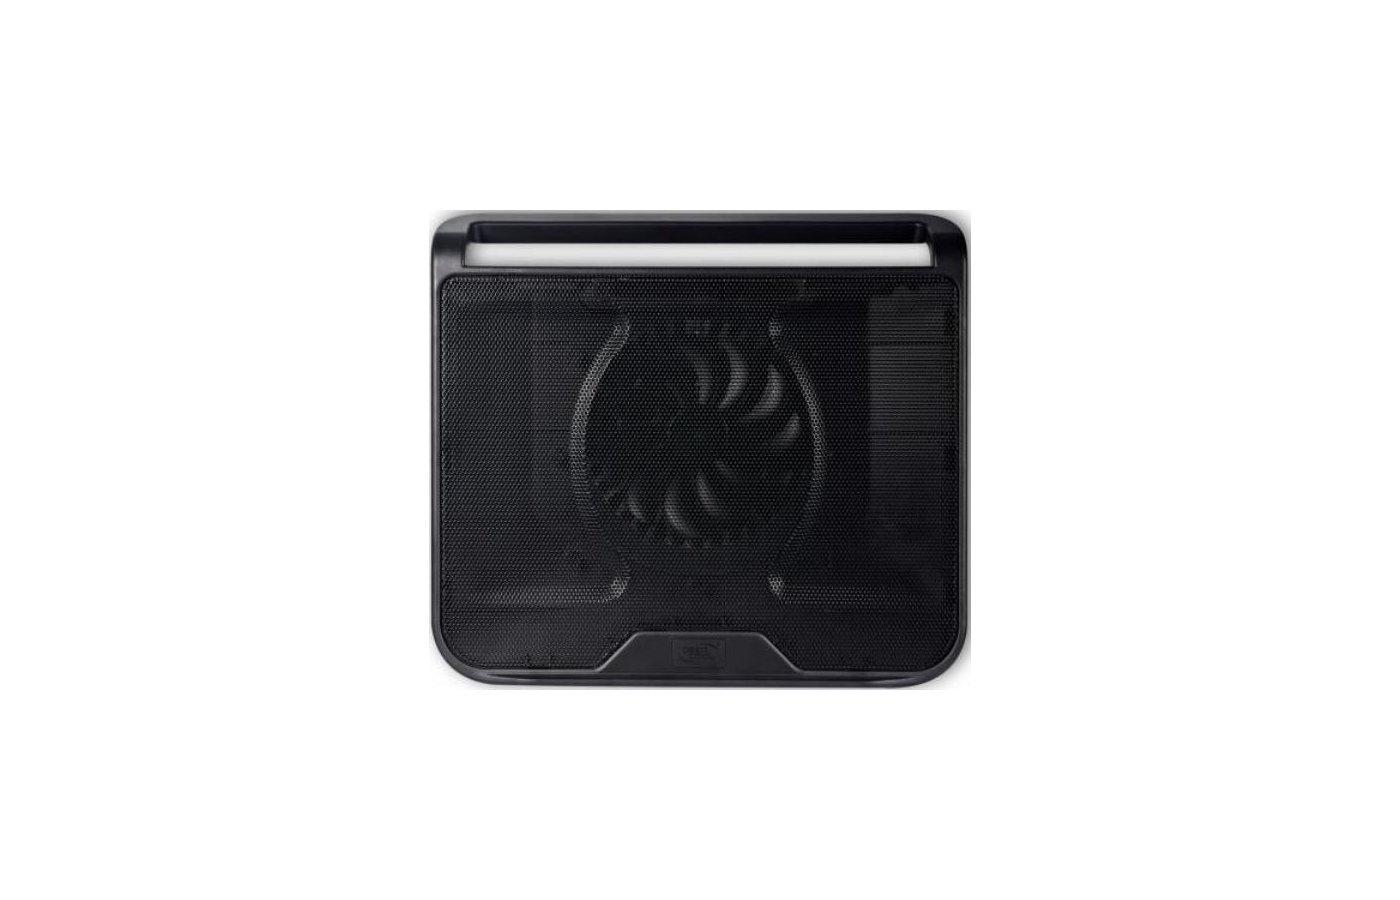 """Подставка для ноутбука Deepcool N280 15.6"""" 340x310x54mm 21dB 1xUSB 530g Black"""